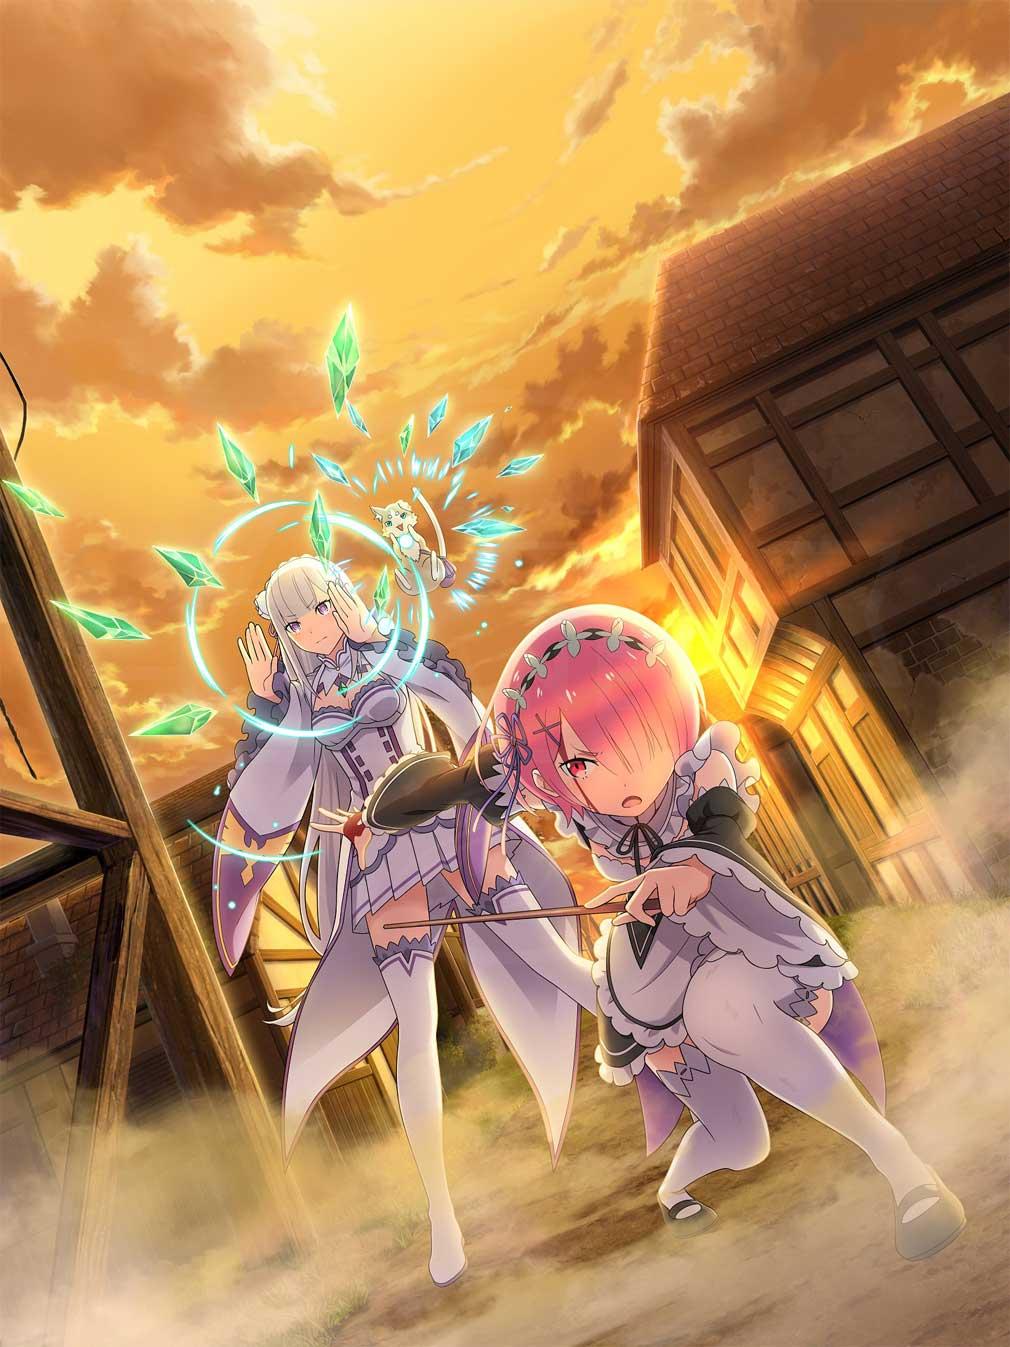 Re:ゼロから始める異世界生活 Lost in Memories(リゼロス) エミリアとラムのタッグが描かれた『if』イラスト紹介イメージ